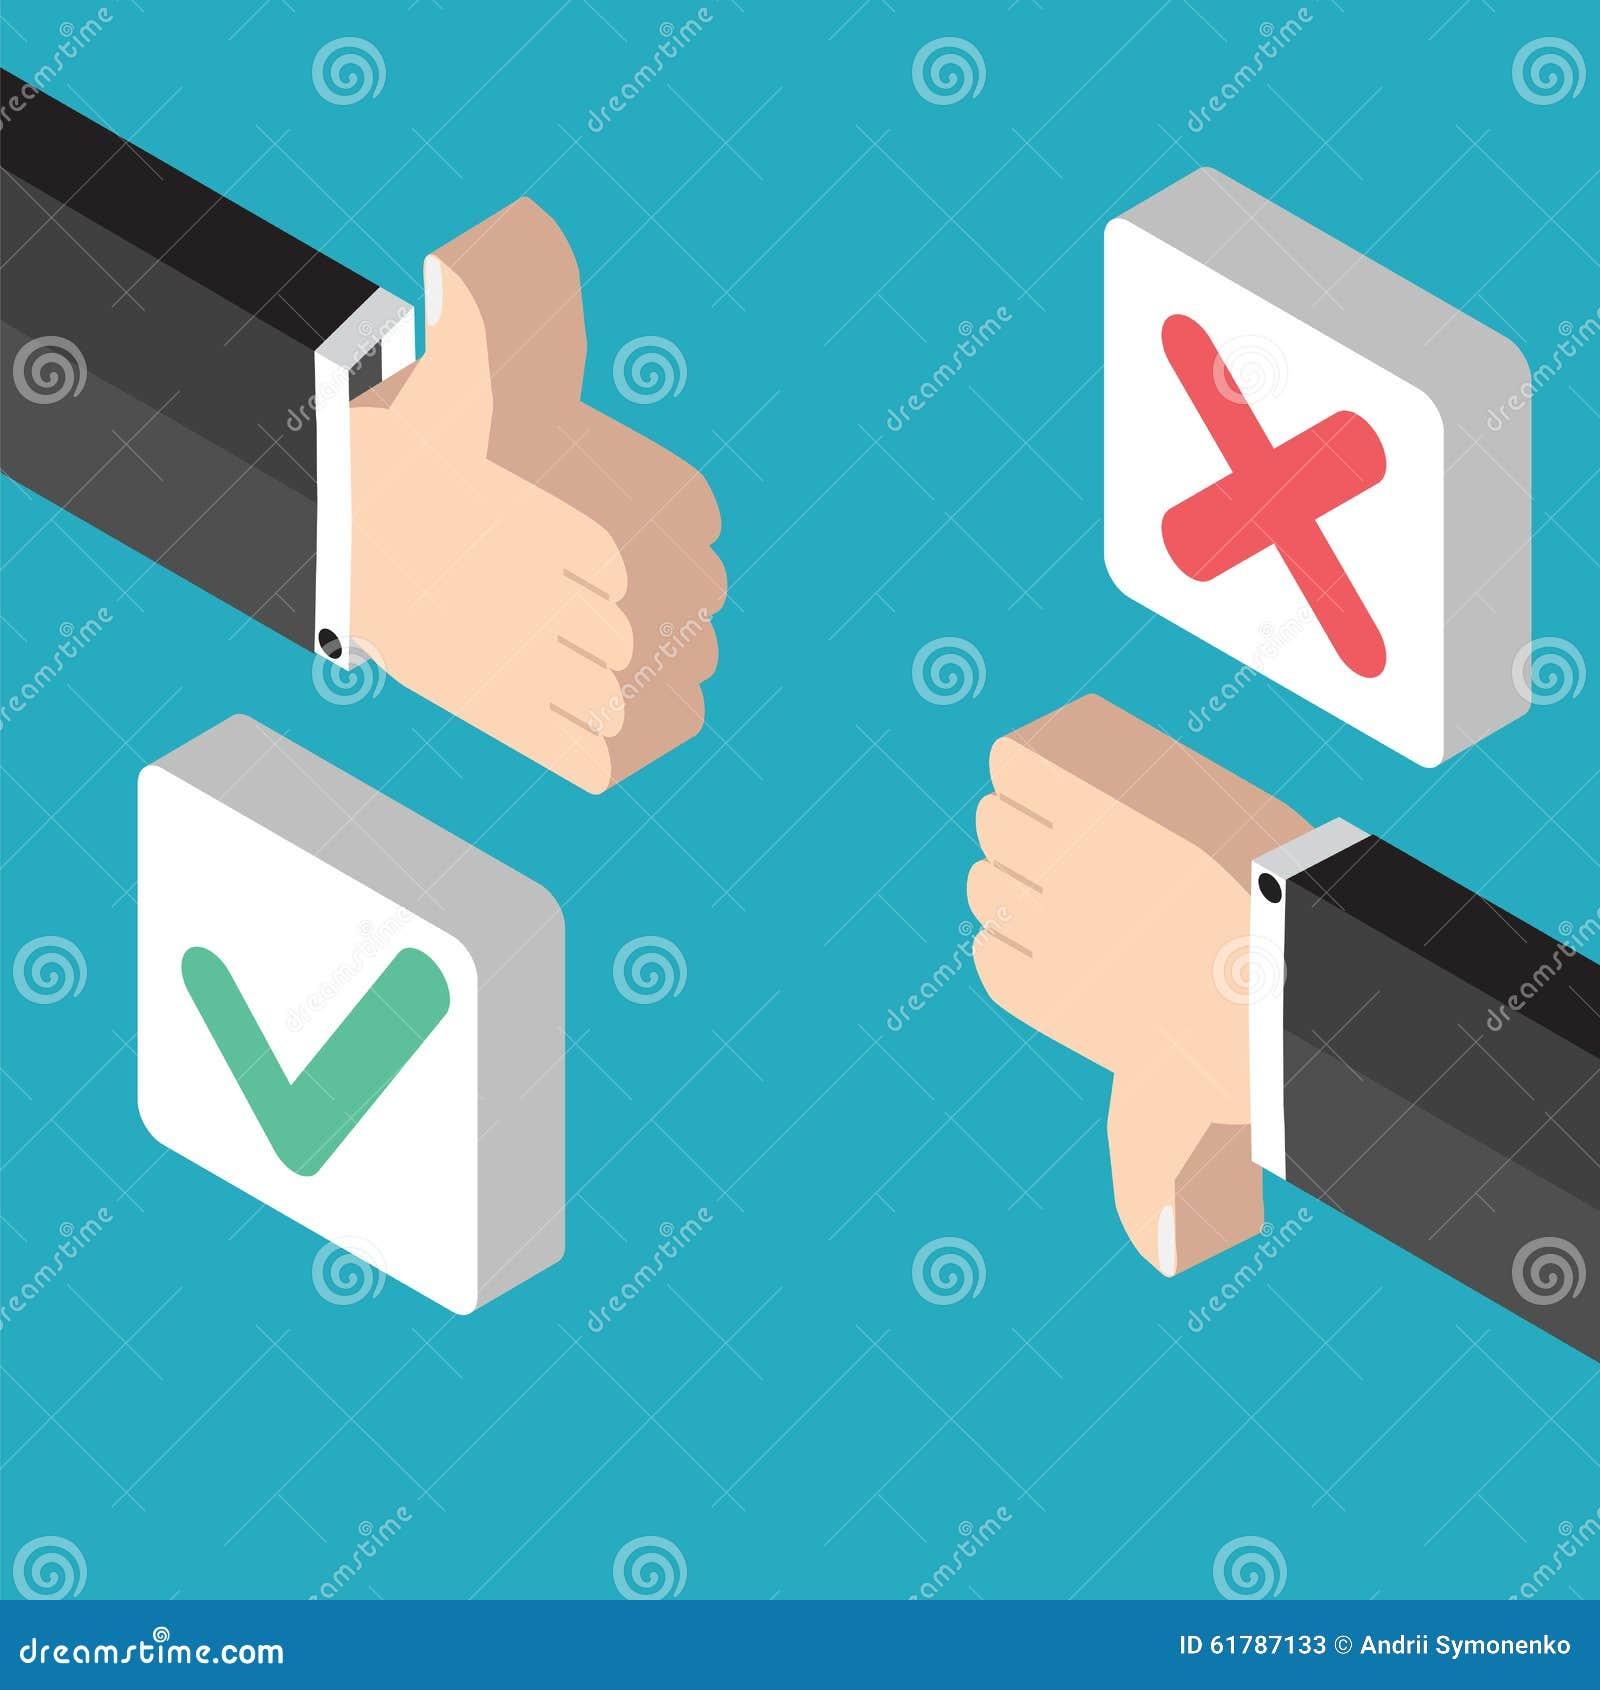 Retroalimentación positiva y voto negativo